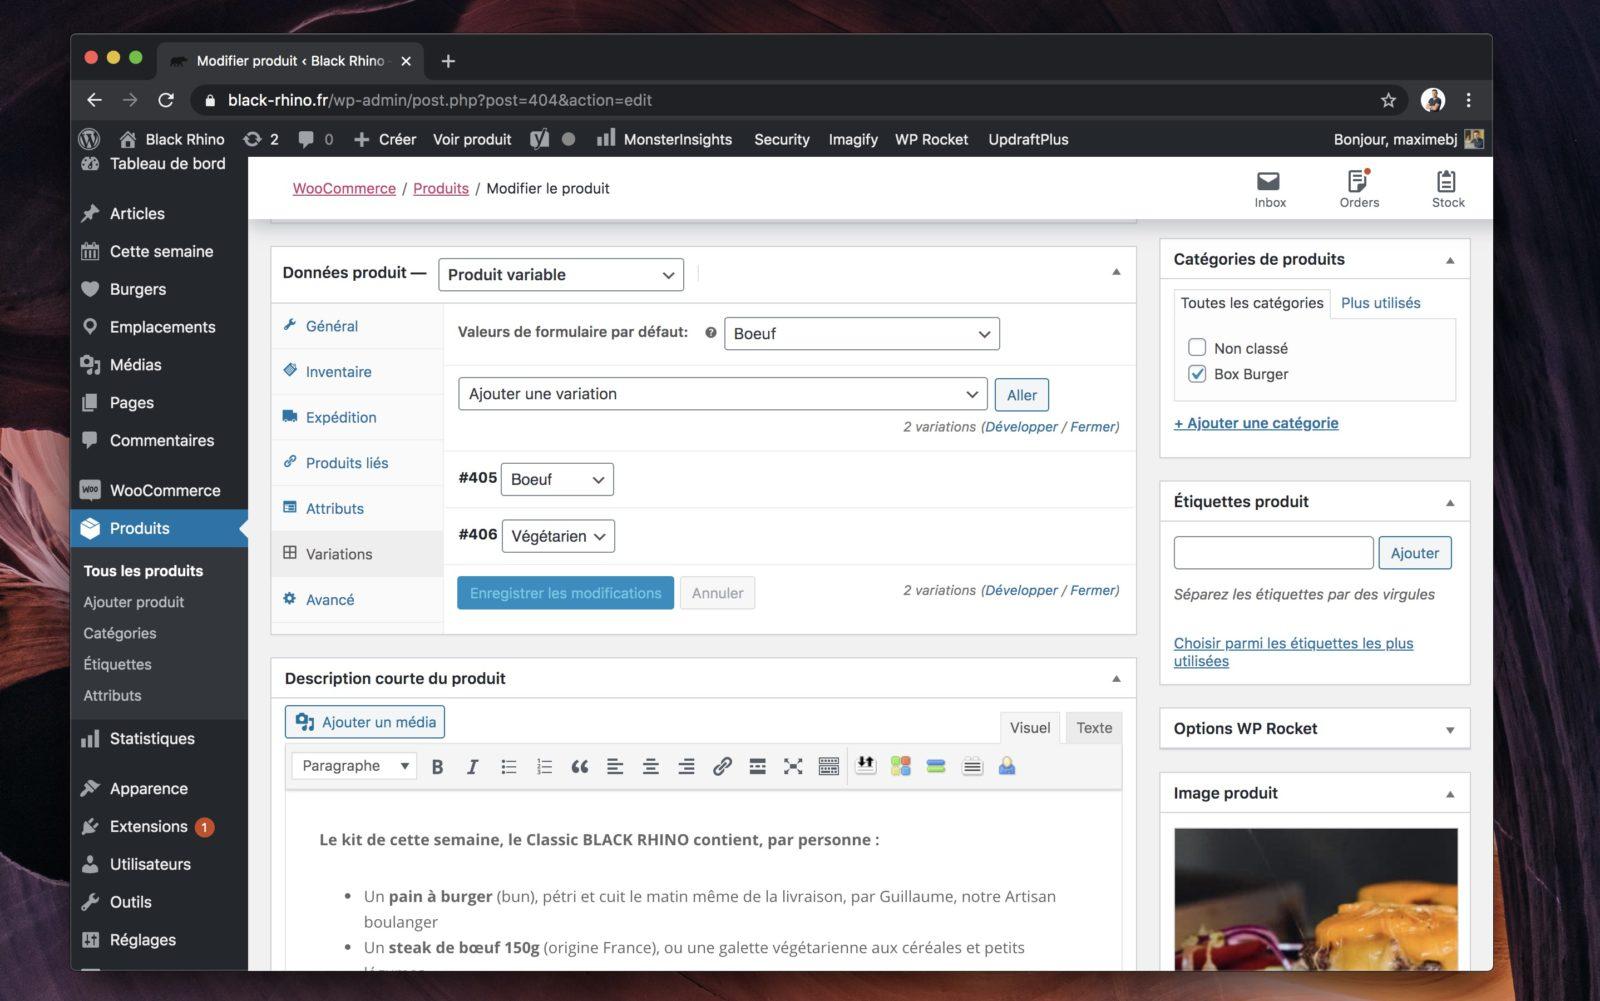 Capture d'écran de la page de gestion de produit WooCommerce